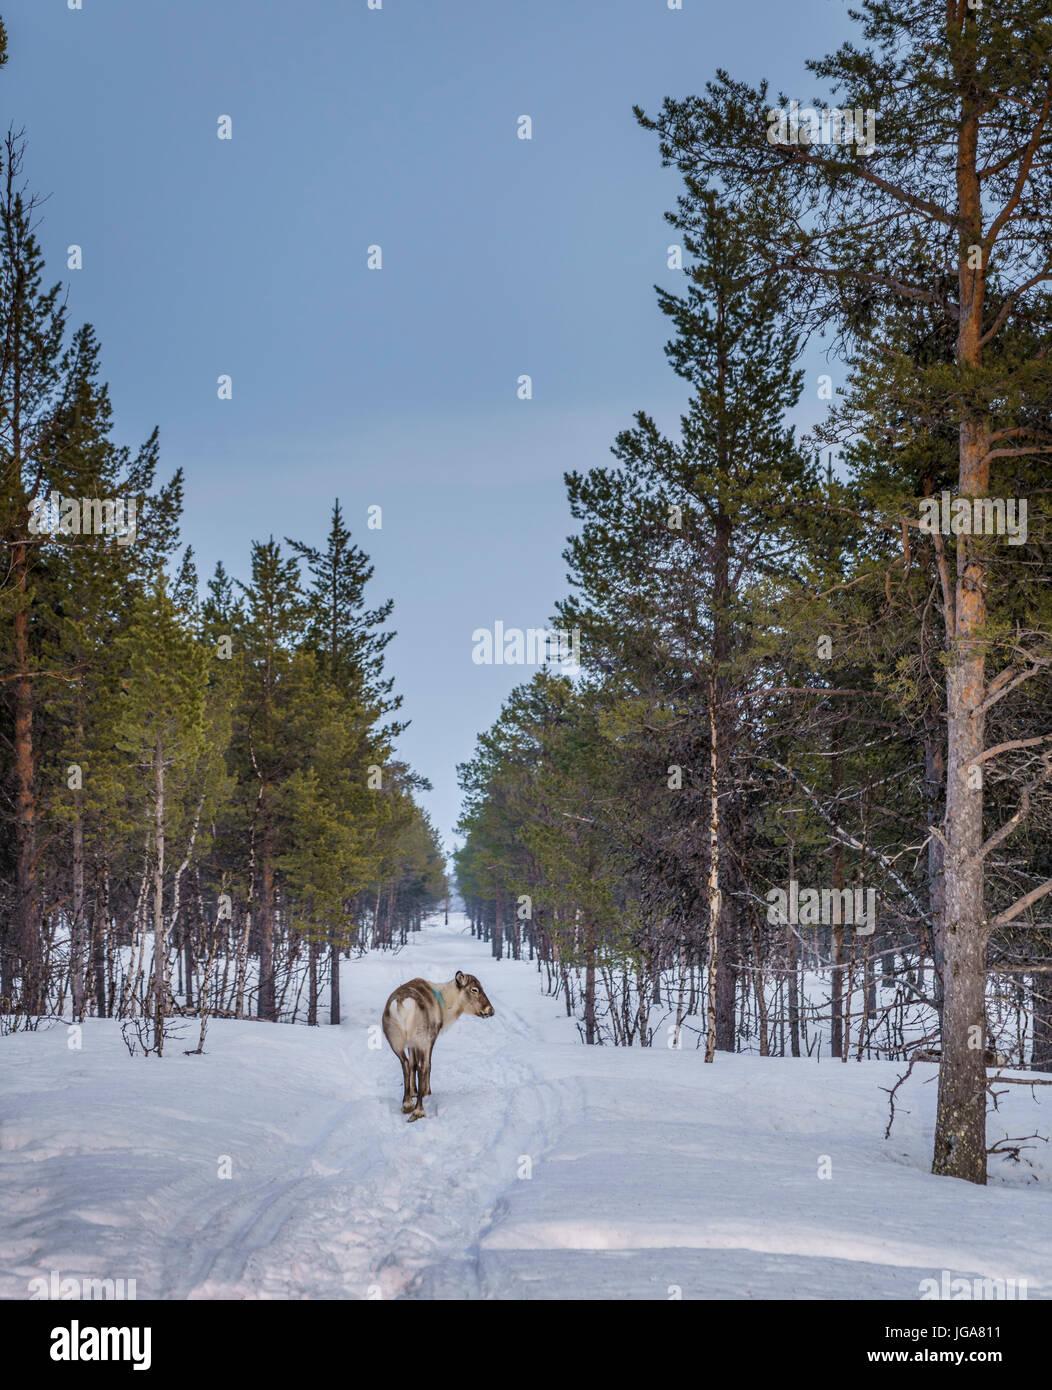 Reindeer in the snow, Lapland, Sweden - Stock Image